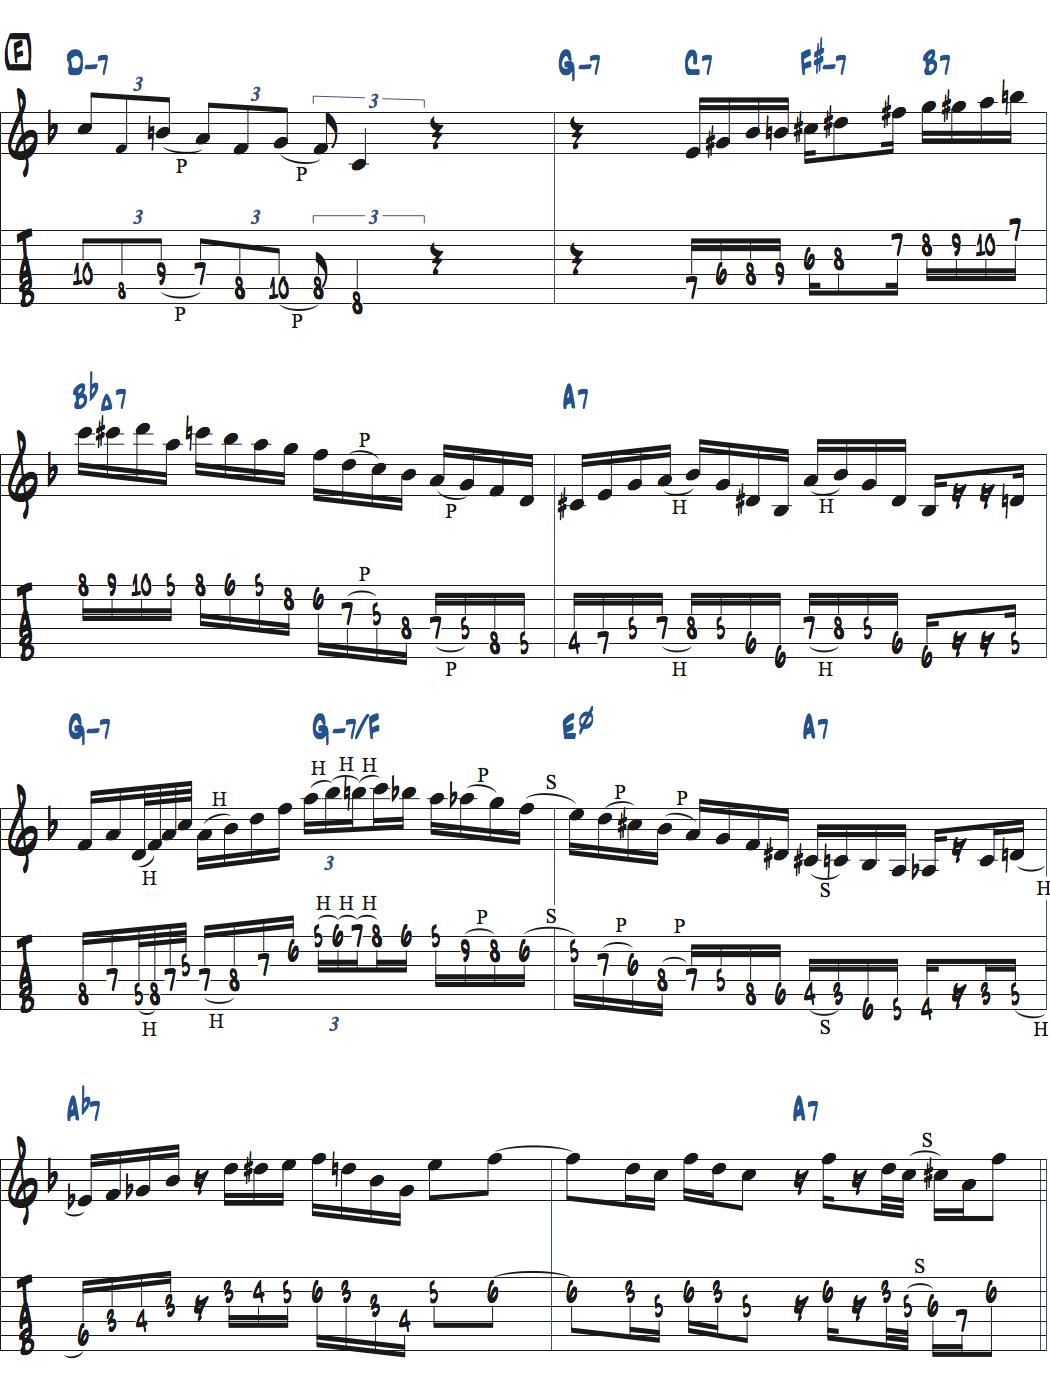 Jesse Van Ruller『Honeysuckle Rose』アドリブ楽譜ページ3